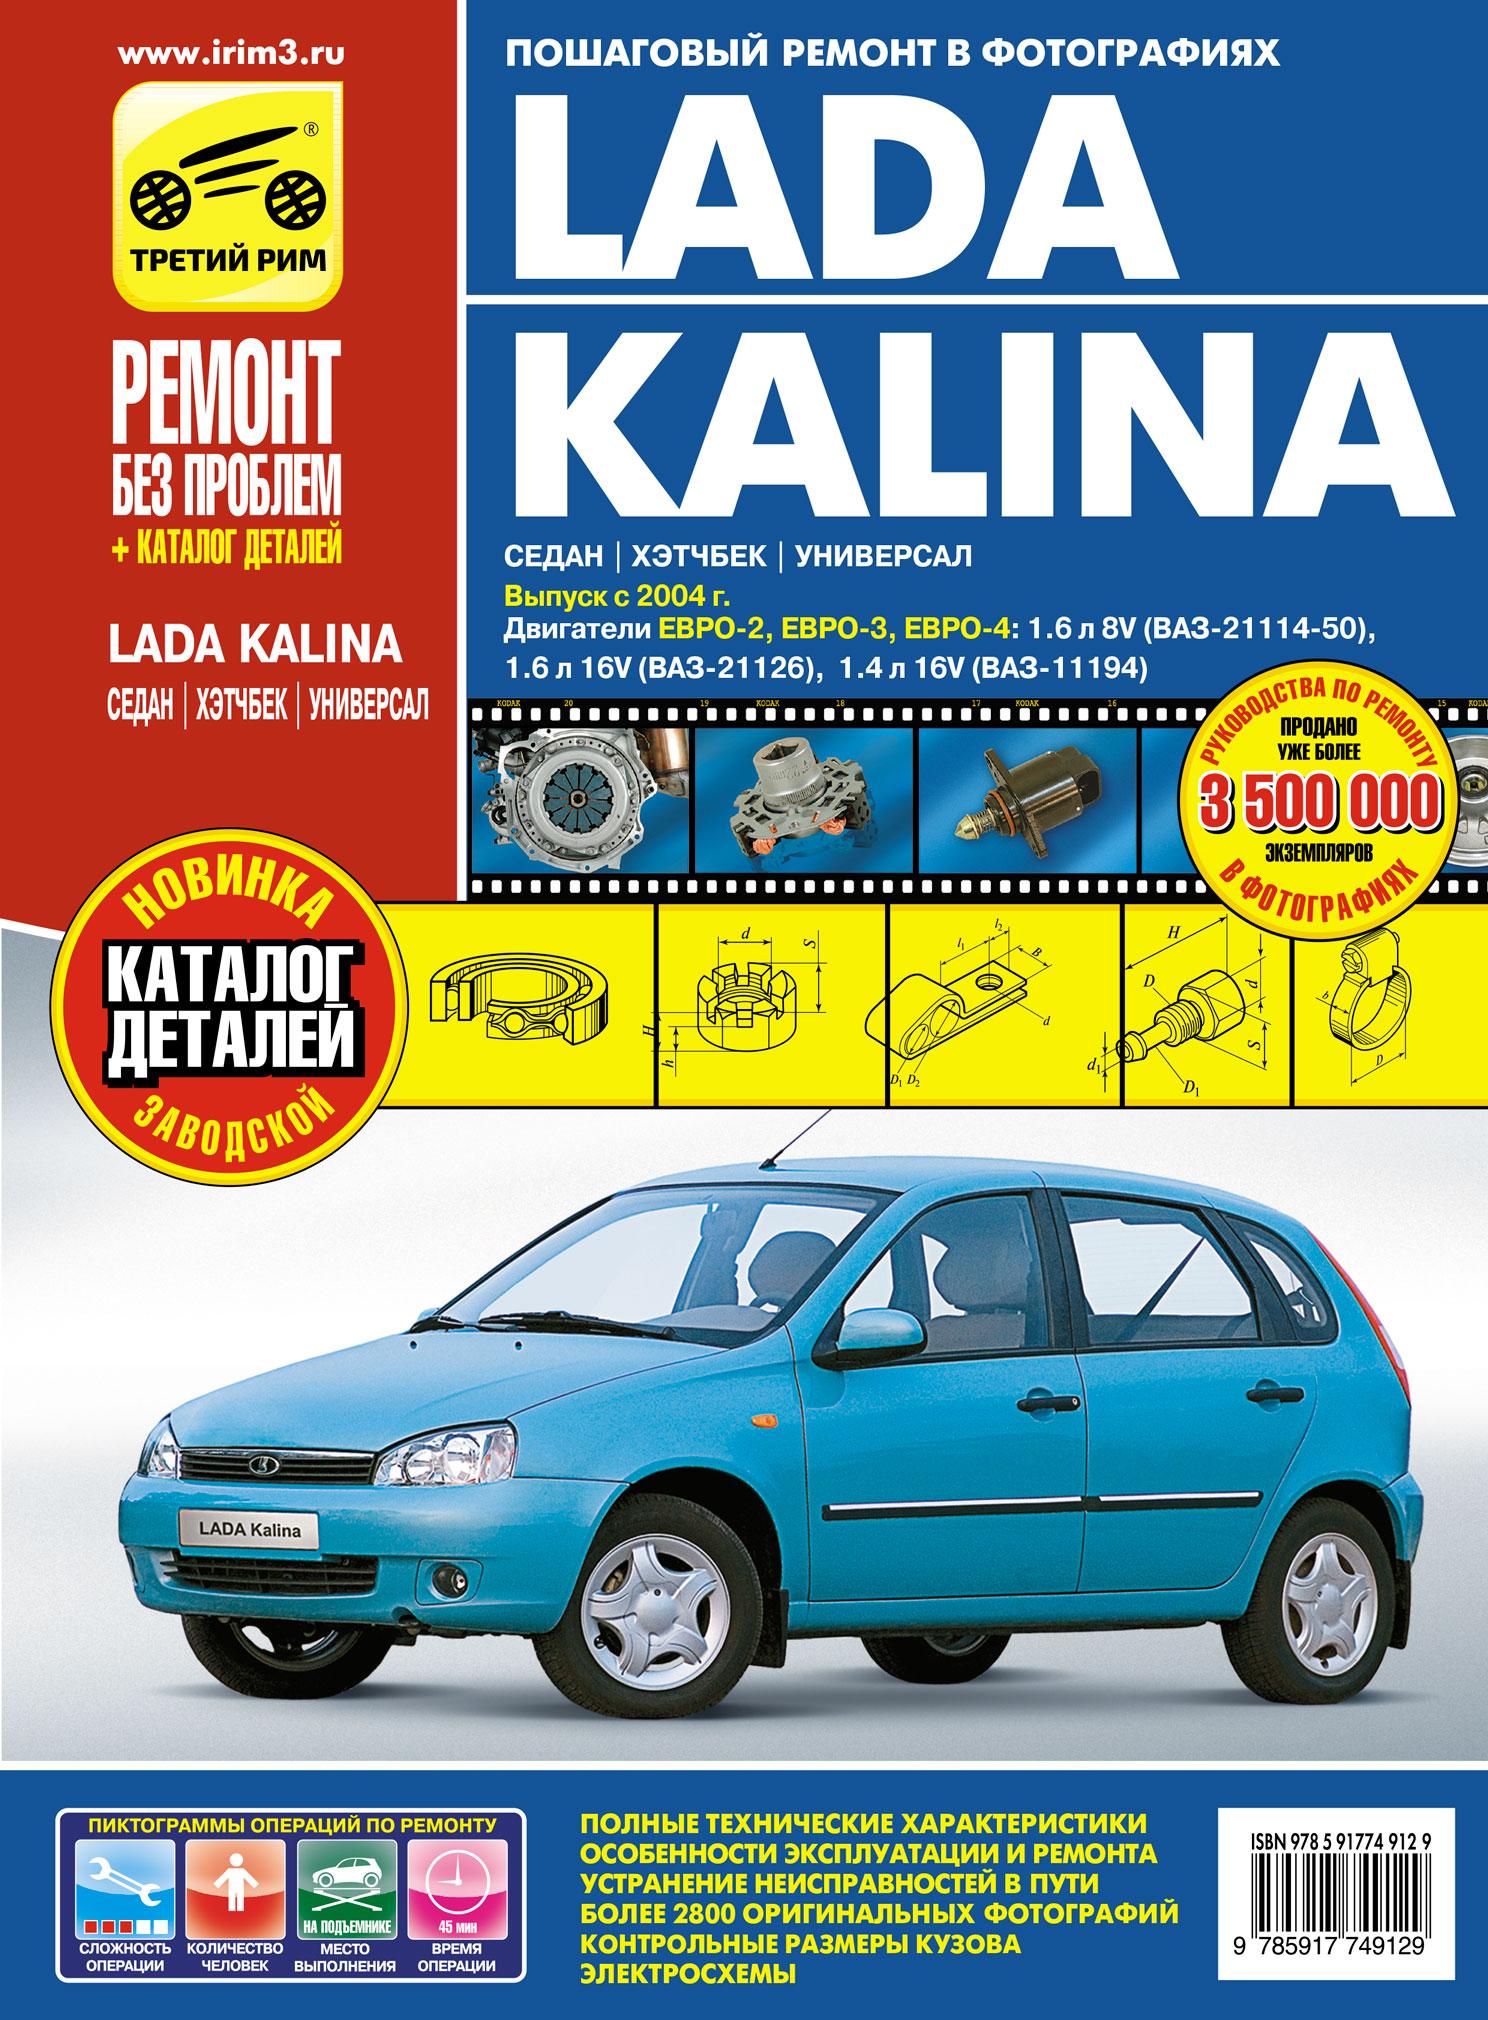 Lada Kalina ВАЗ-11193, -11194 хэтчбек, ВАЗ-11183, -11184 седан, ВАЗ-11173, -11174 универсал. Руководство по эксплуатации, техническому обслуживанию и ремонту + каталог деталей